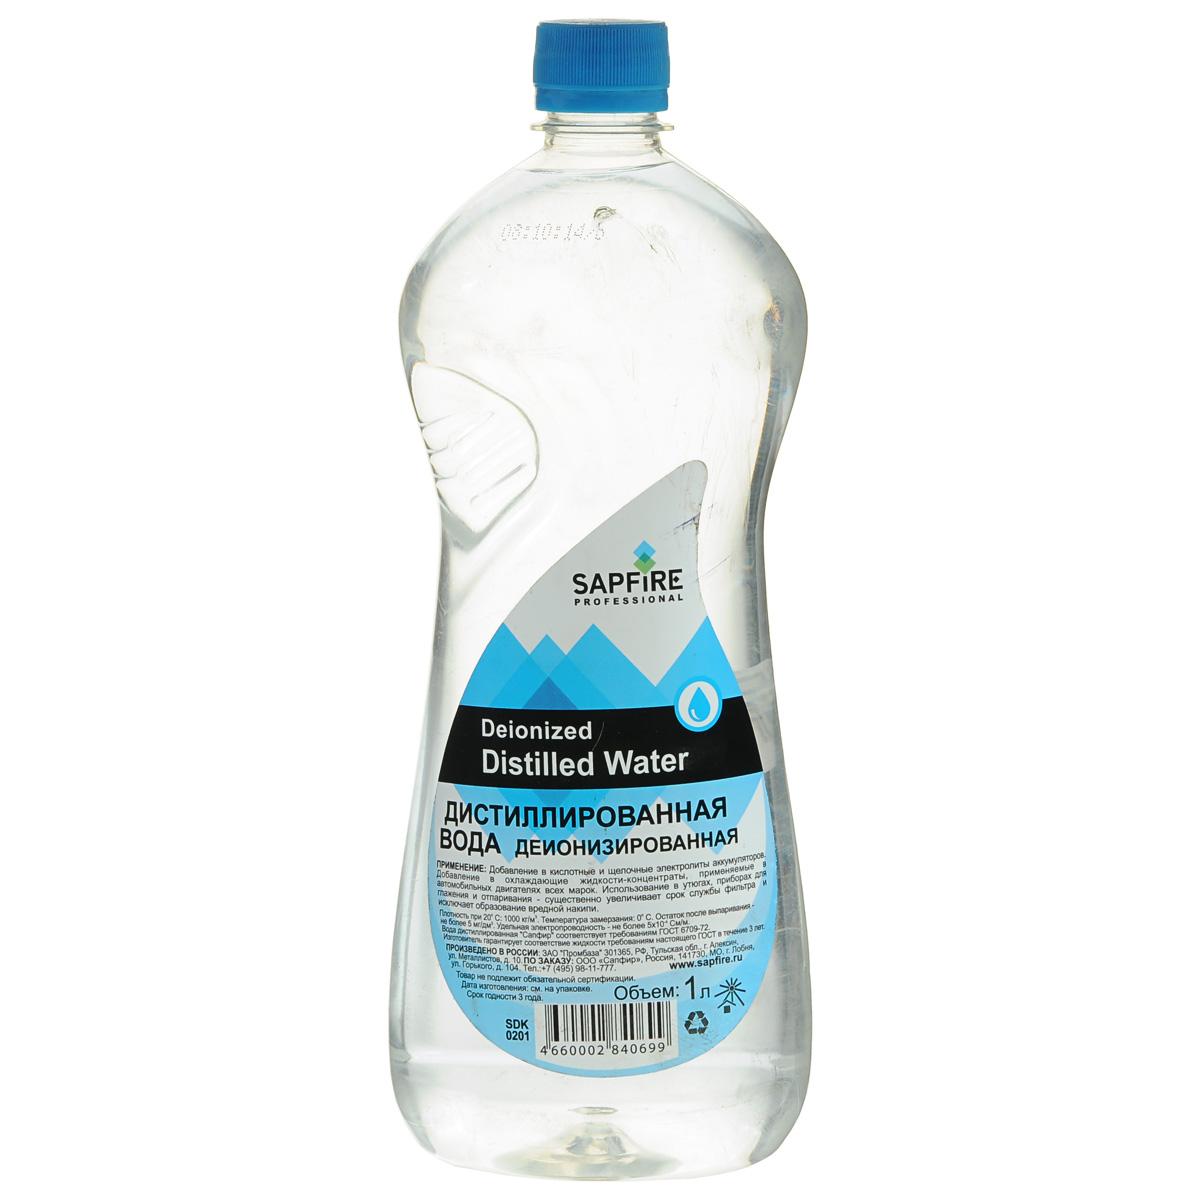 Вода дистиллированная деионизированная Sapfire, 1 л ( 0201-SDK )